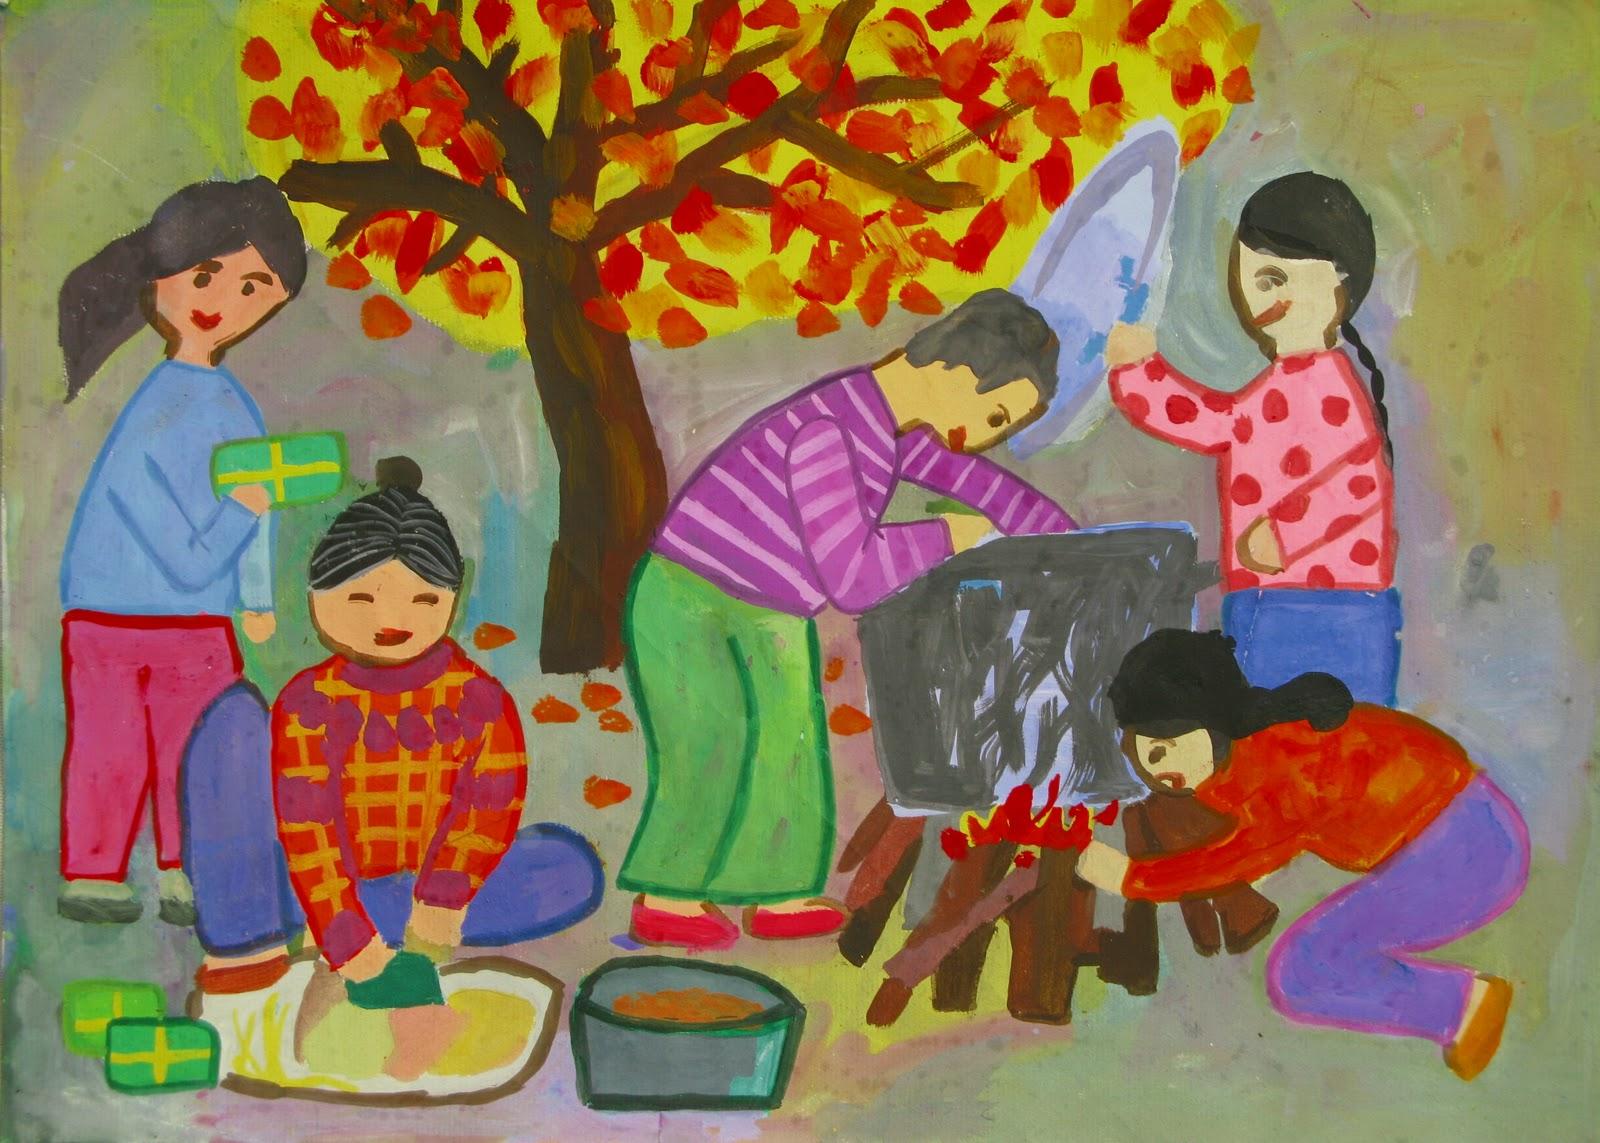 Tranh sơn dầu vẽ gia đình